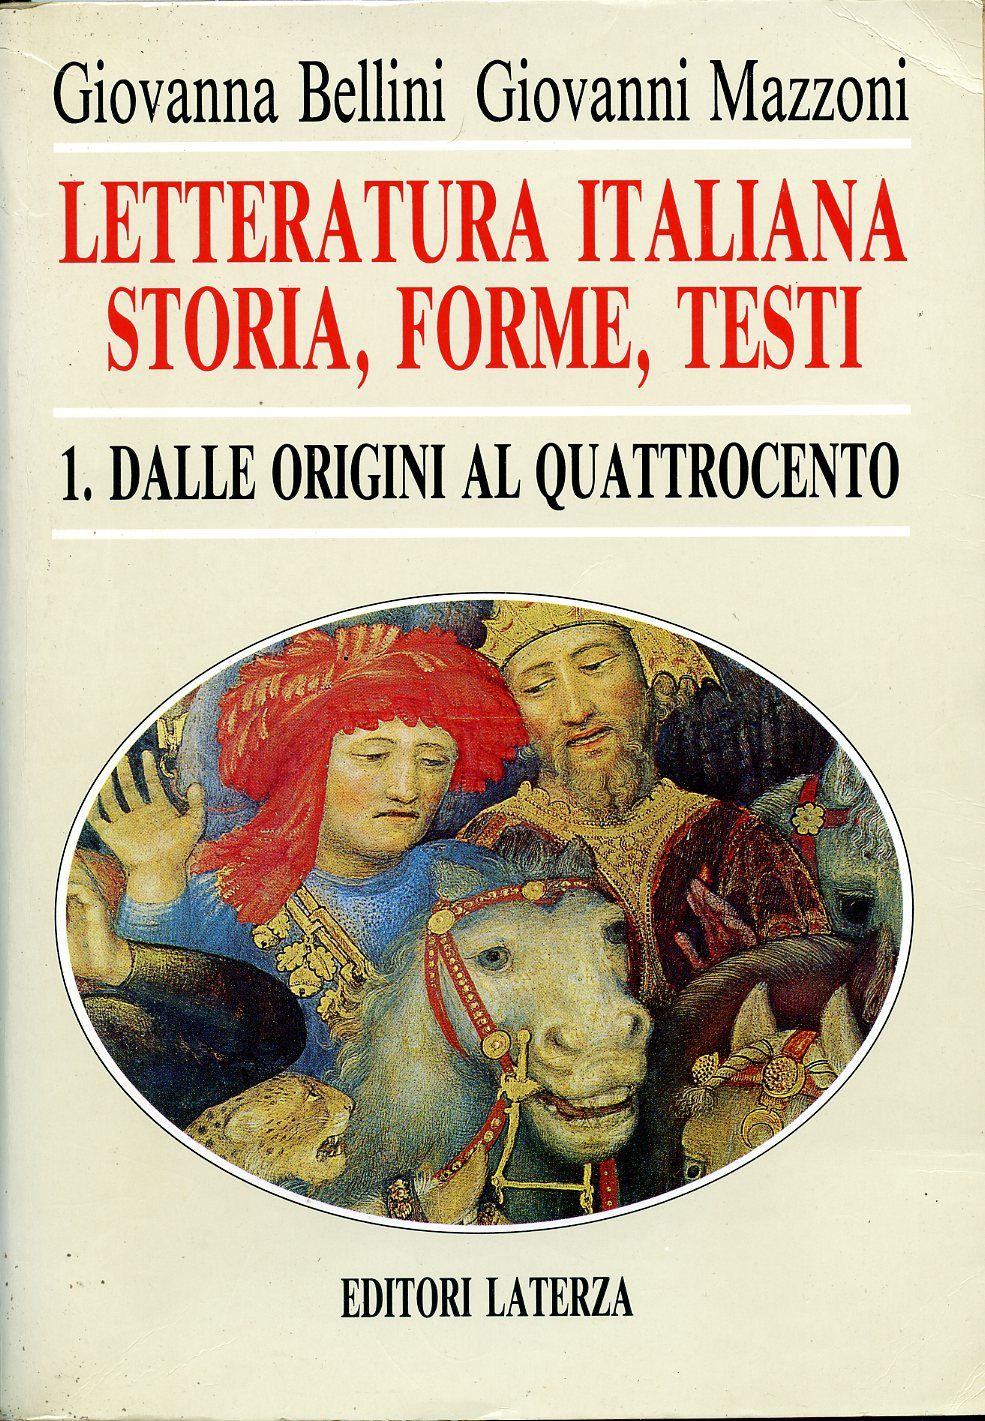 Letteratura italiana. Storia, forme, testi vol. 1